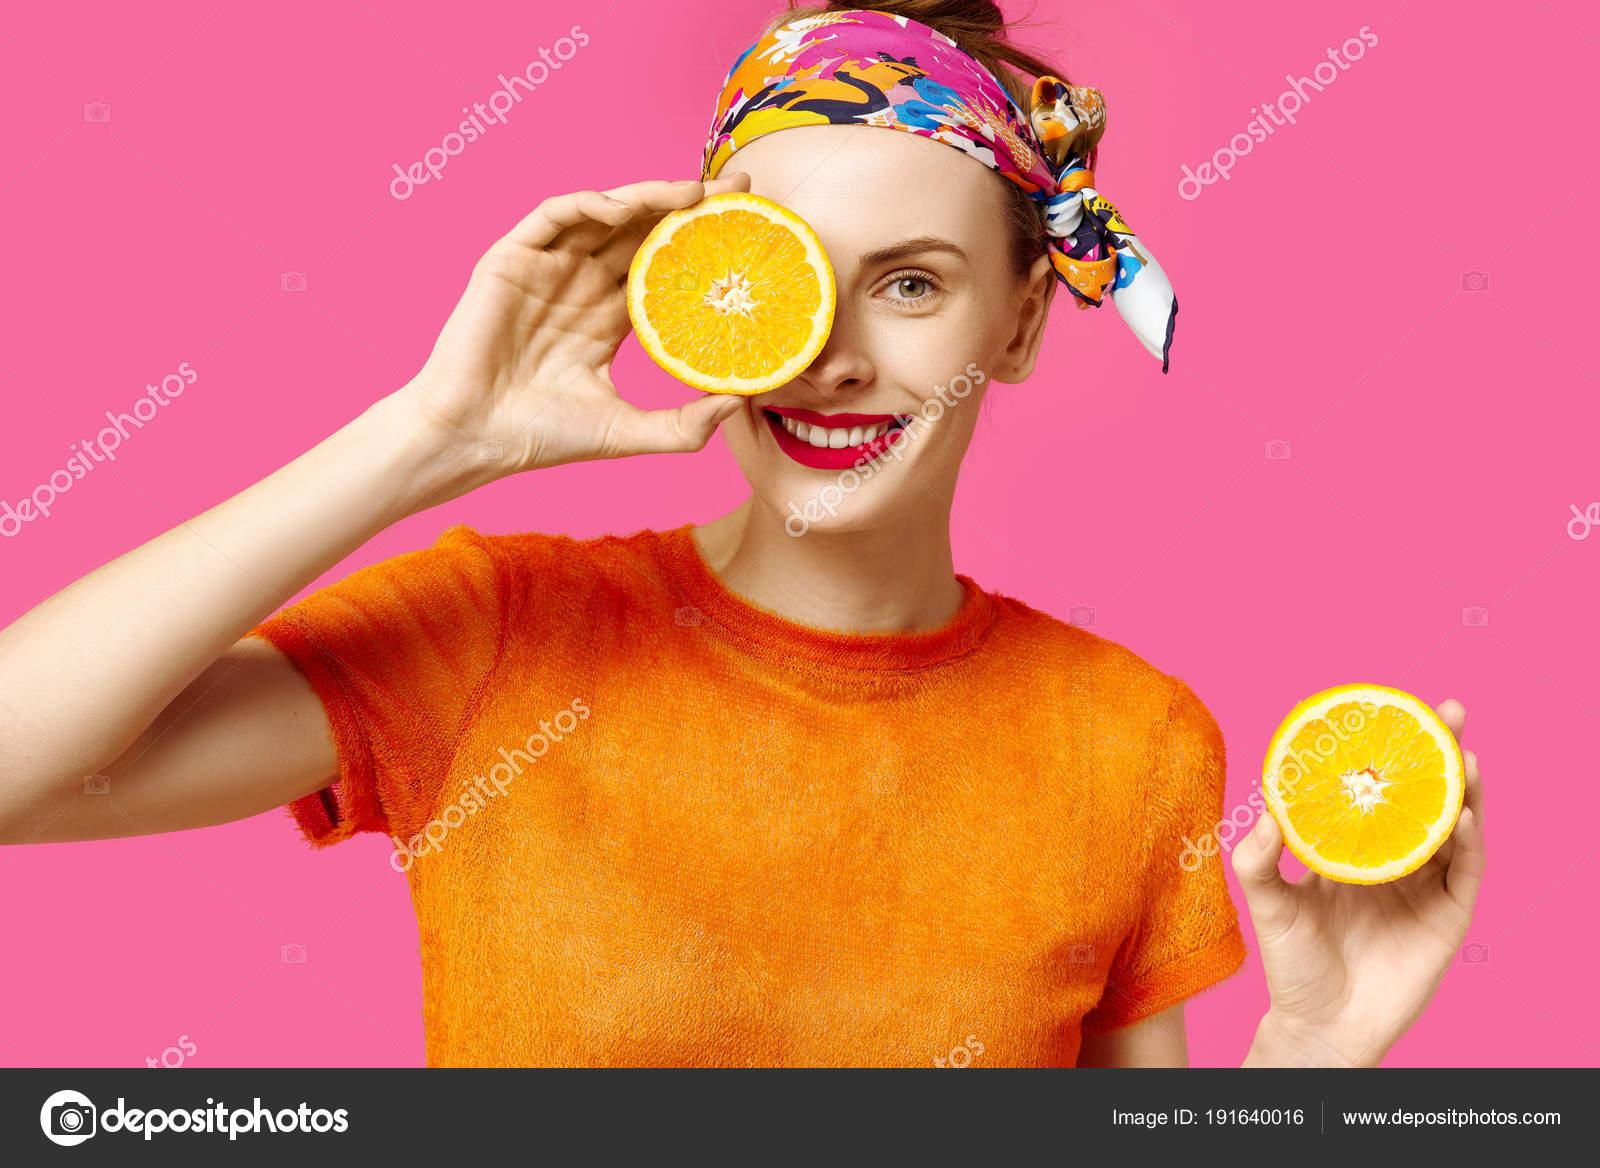 59c0a5bdf16 Mladá žena na růžovém pozadí drží řez oranžové v ruce a smích. Barevný  koncept posedlost. Minimalistický styl. Stylové Trendy — Fotografie od ...